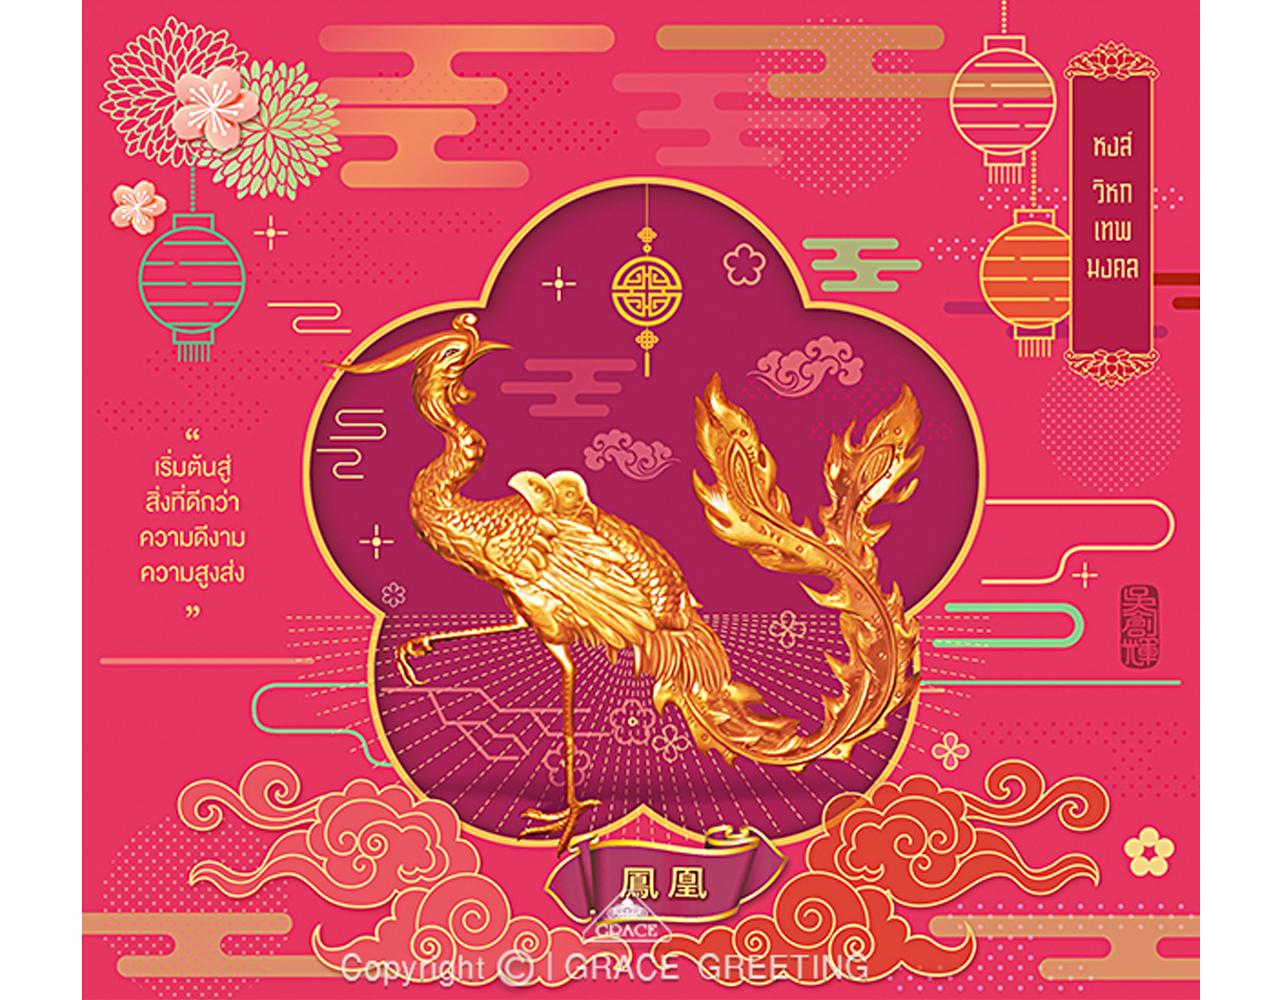 ปฏิทินตั้งโต๊ะ ปี 2562 CT.6210 มงคลจีน 2019 Jul